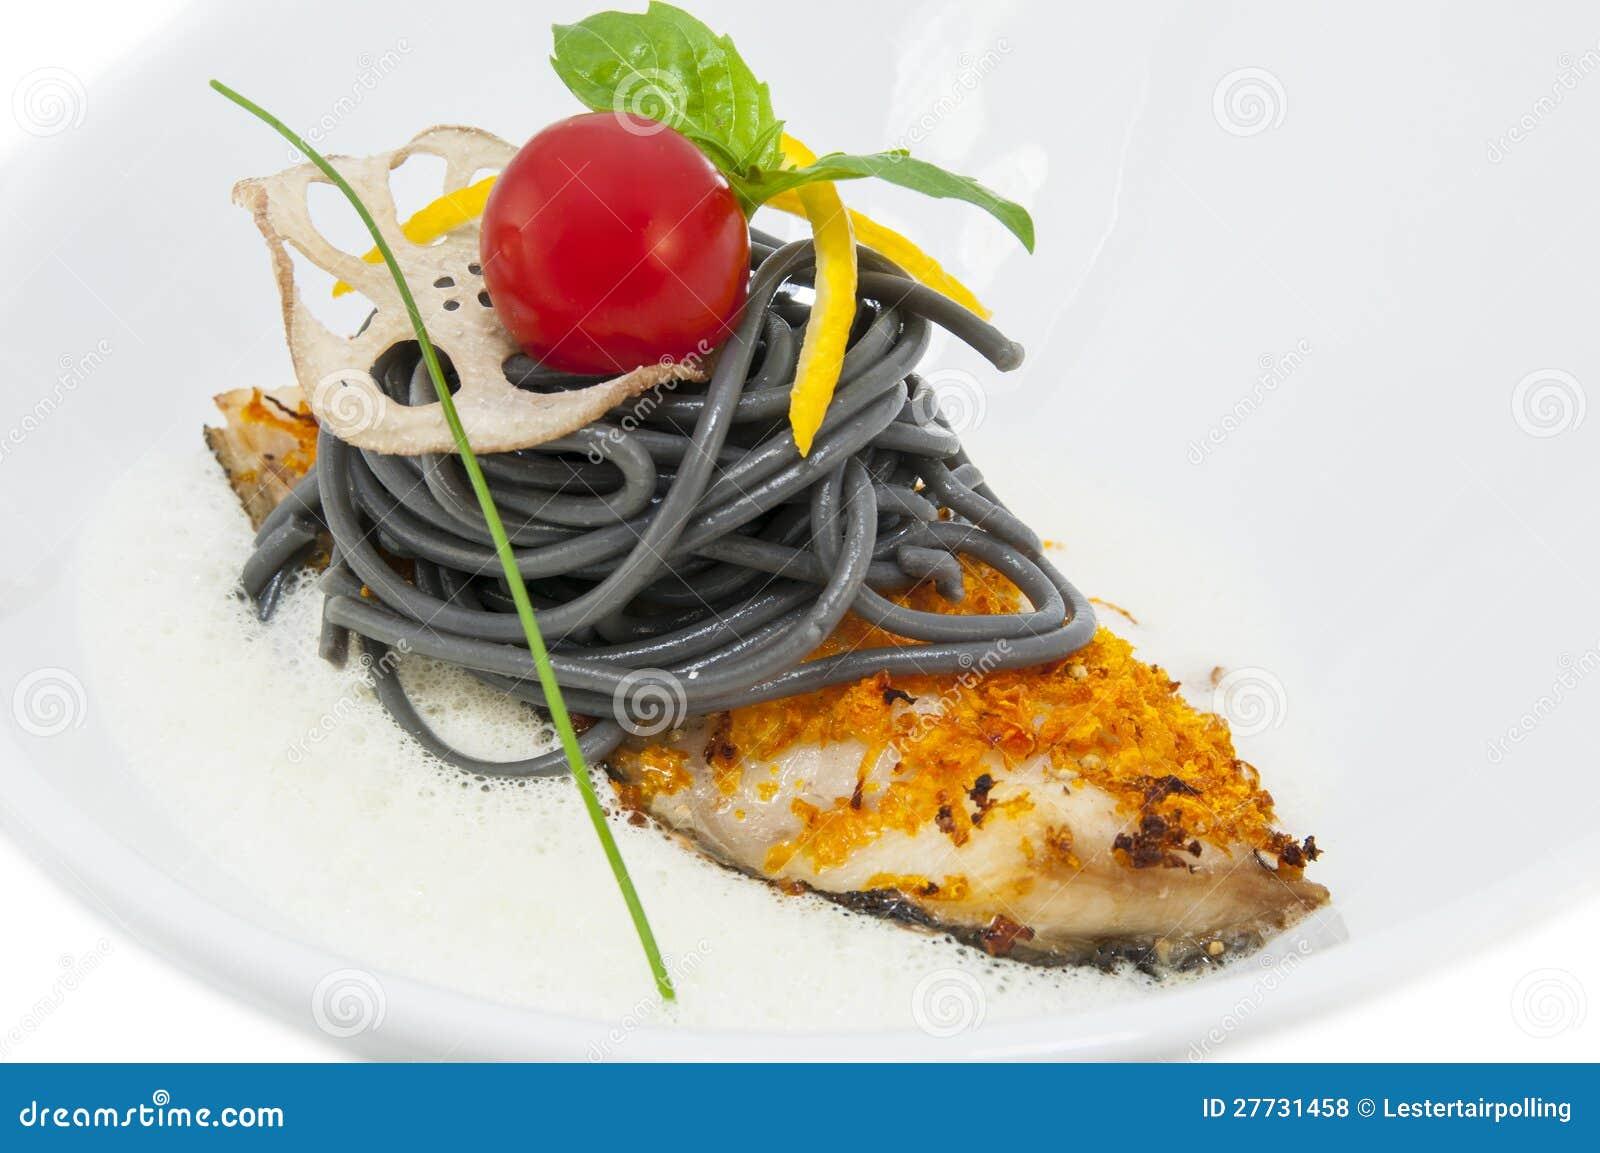 Gebackene Fischfilets